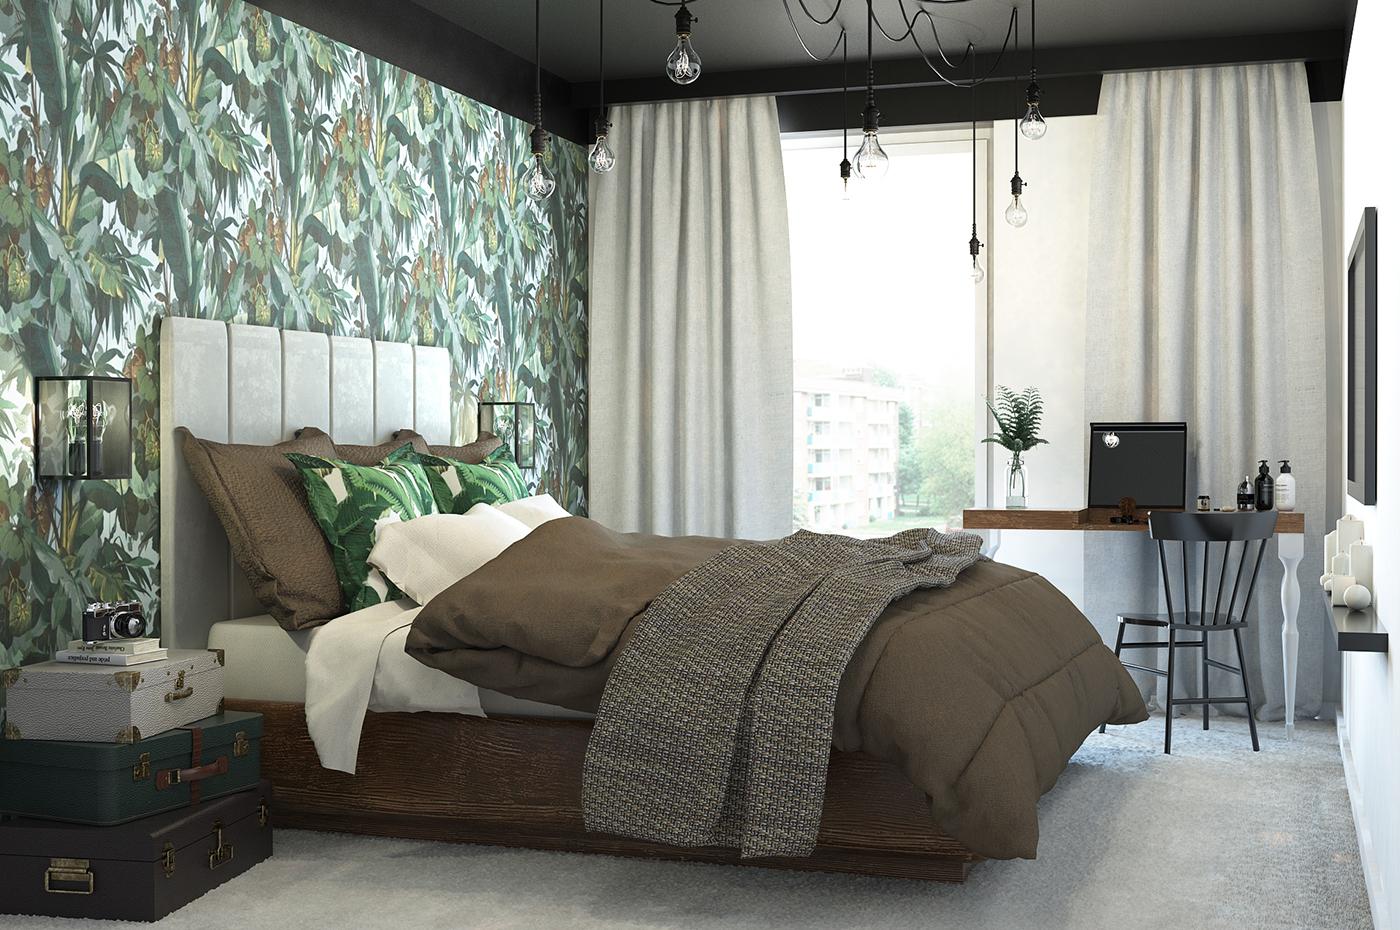 Sypialnia W Tropikalnym Klimacie Architekt Wnętrz Gdynia